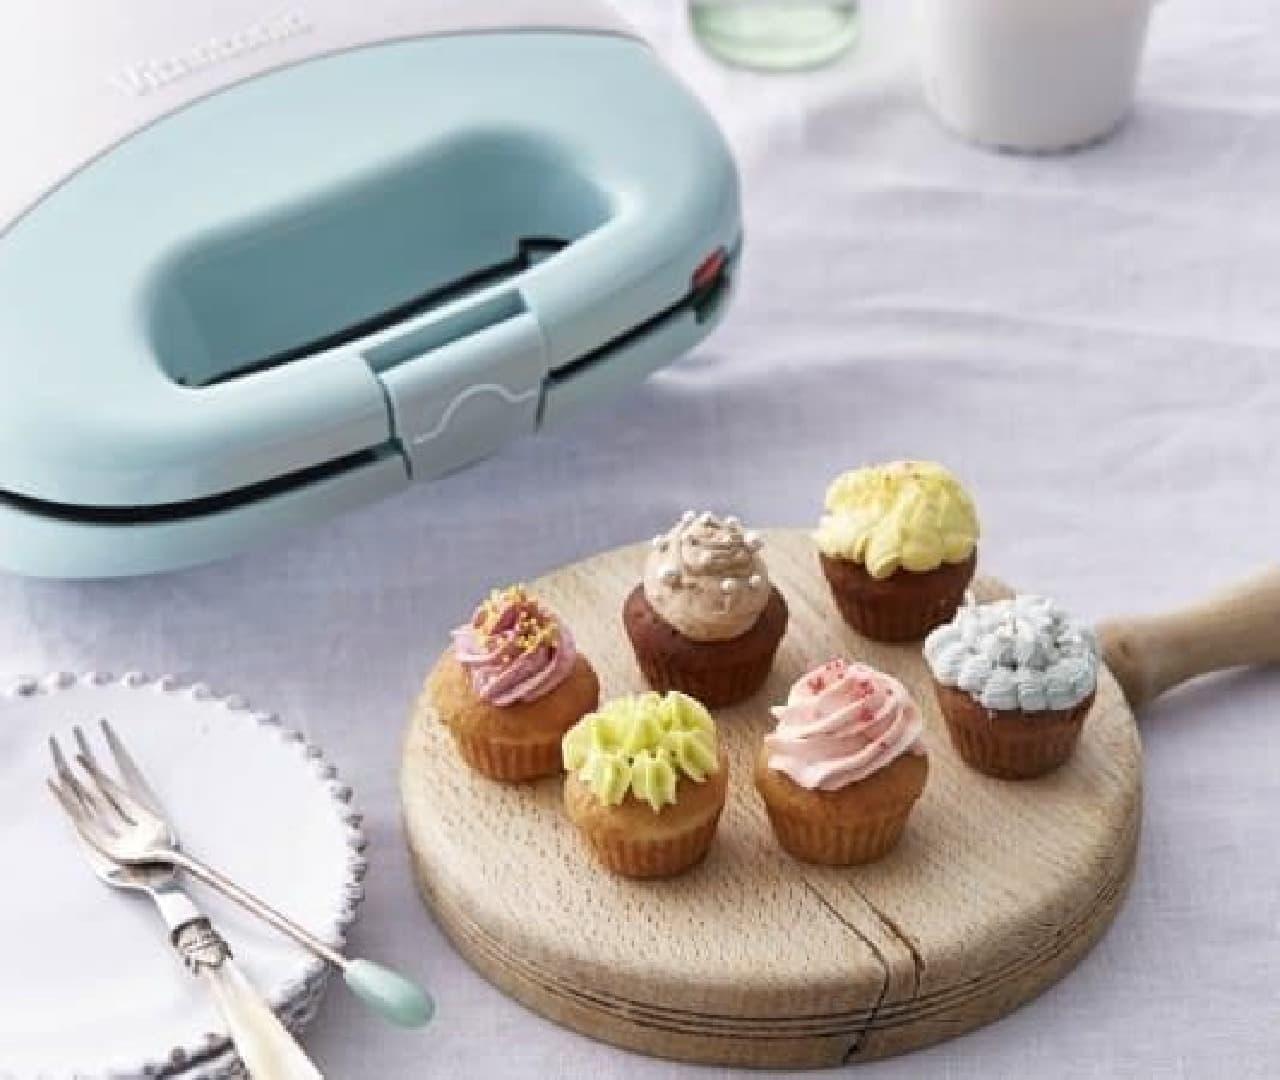 基本のプレートにカップケーキ型が付いた限定品